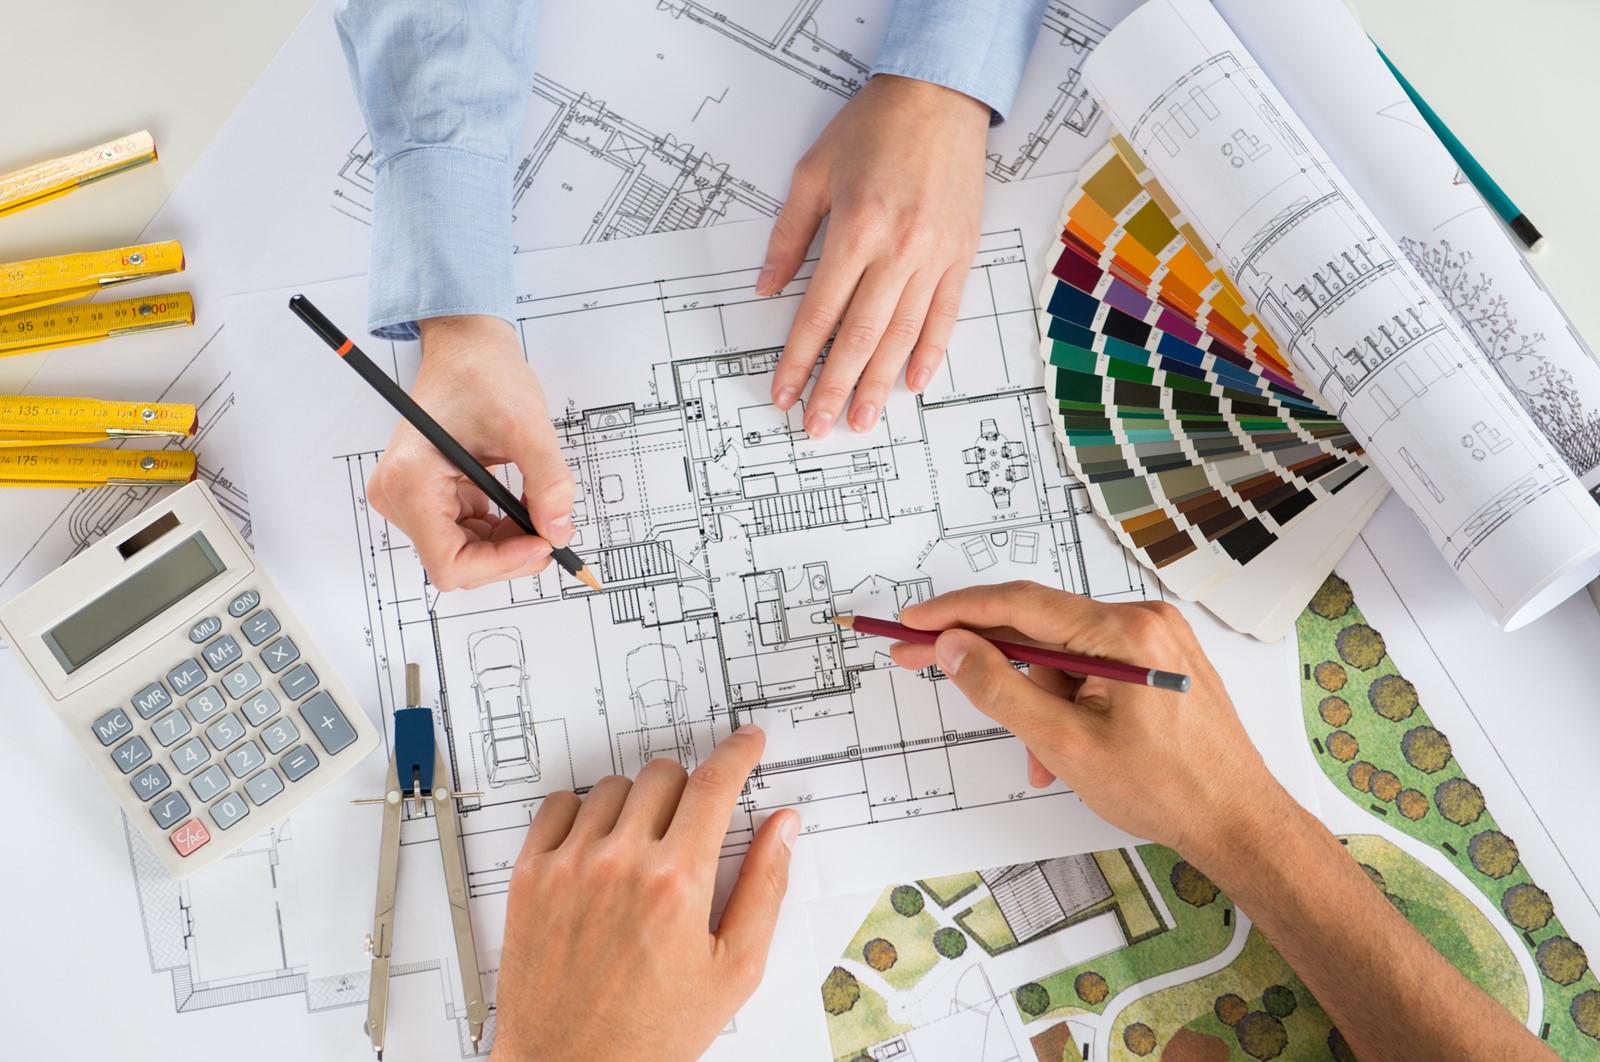 Có rất nhiều bản kiến trúc chỉ đẹp trên giấy.